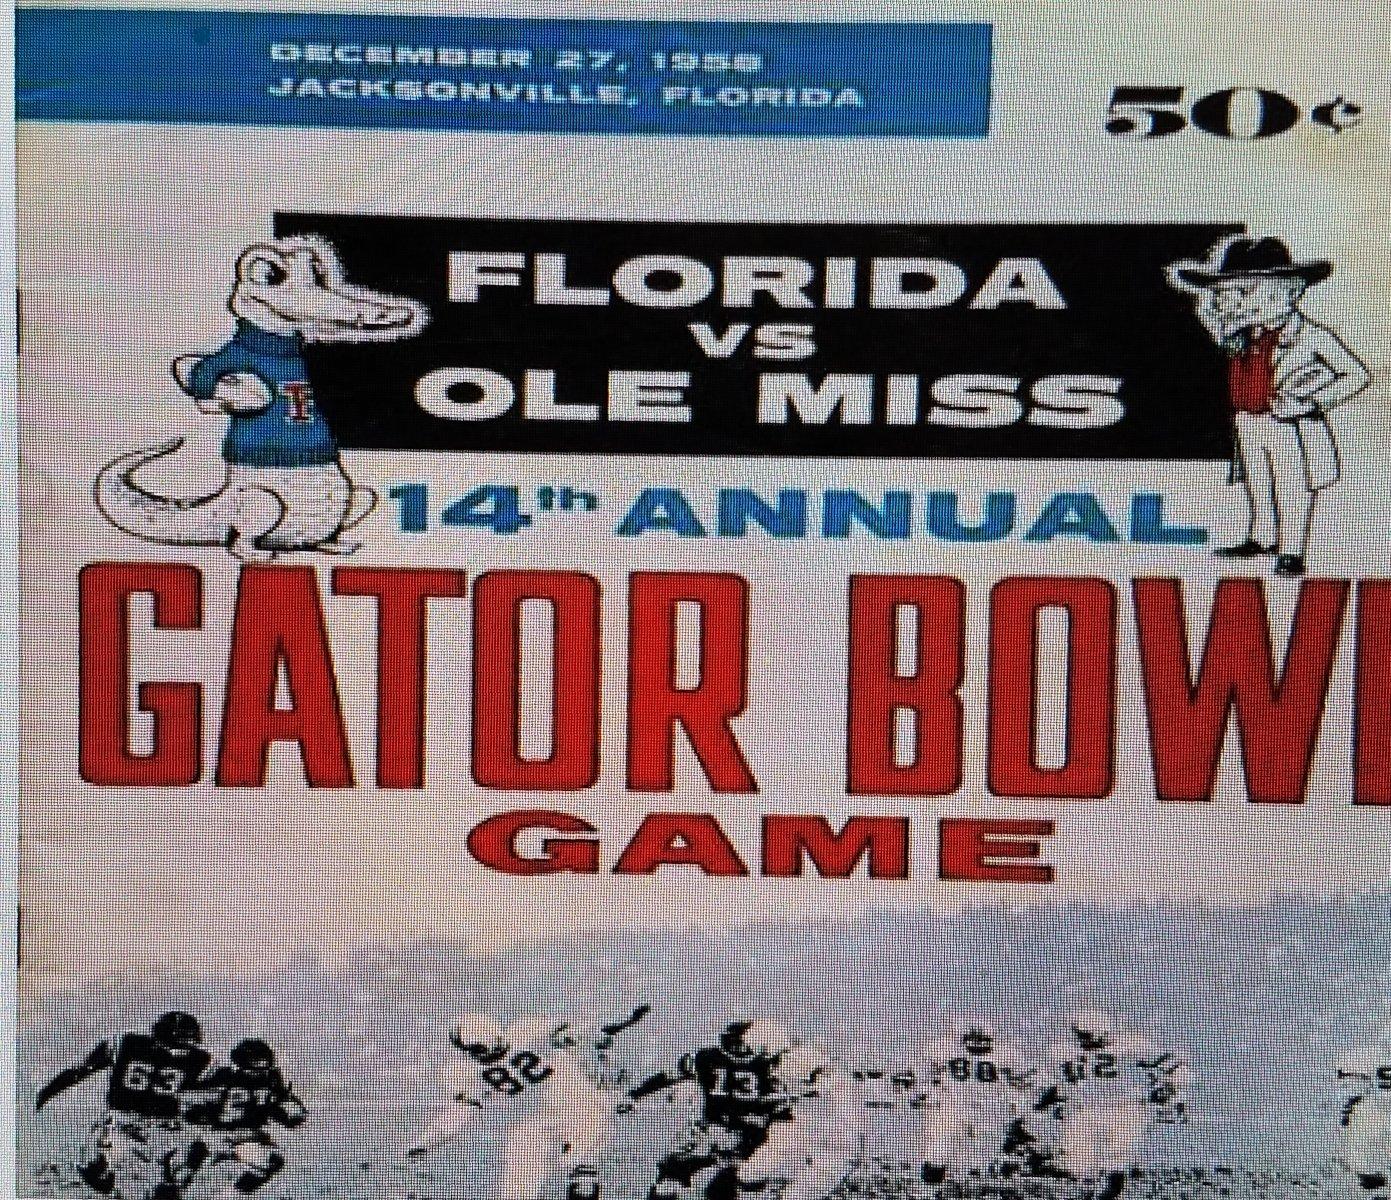 Gator Bowl.jpg